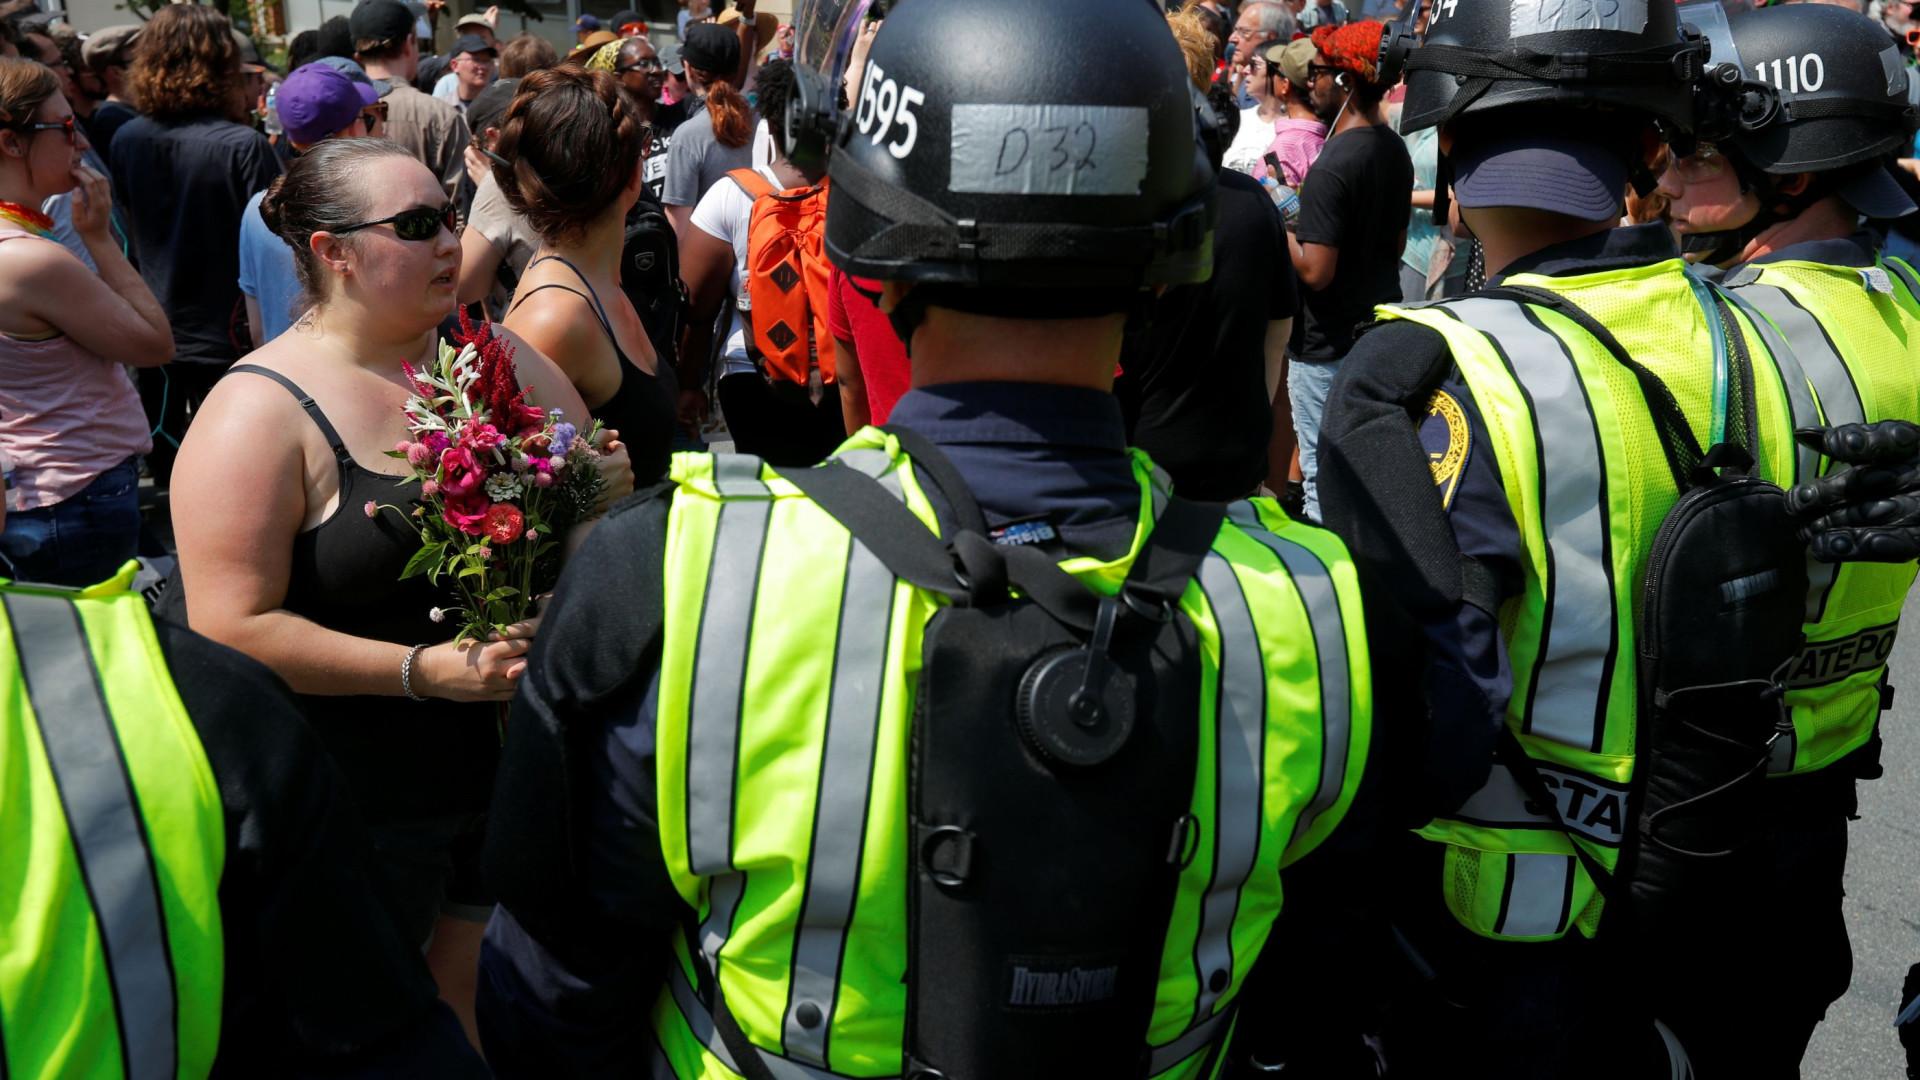 Manifestação contra a supremacia branca em Charlottesville